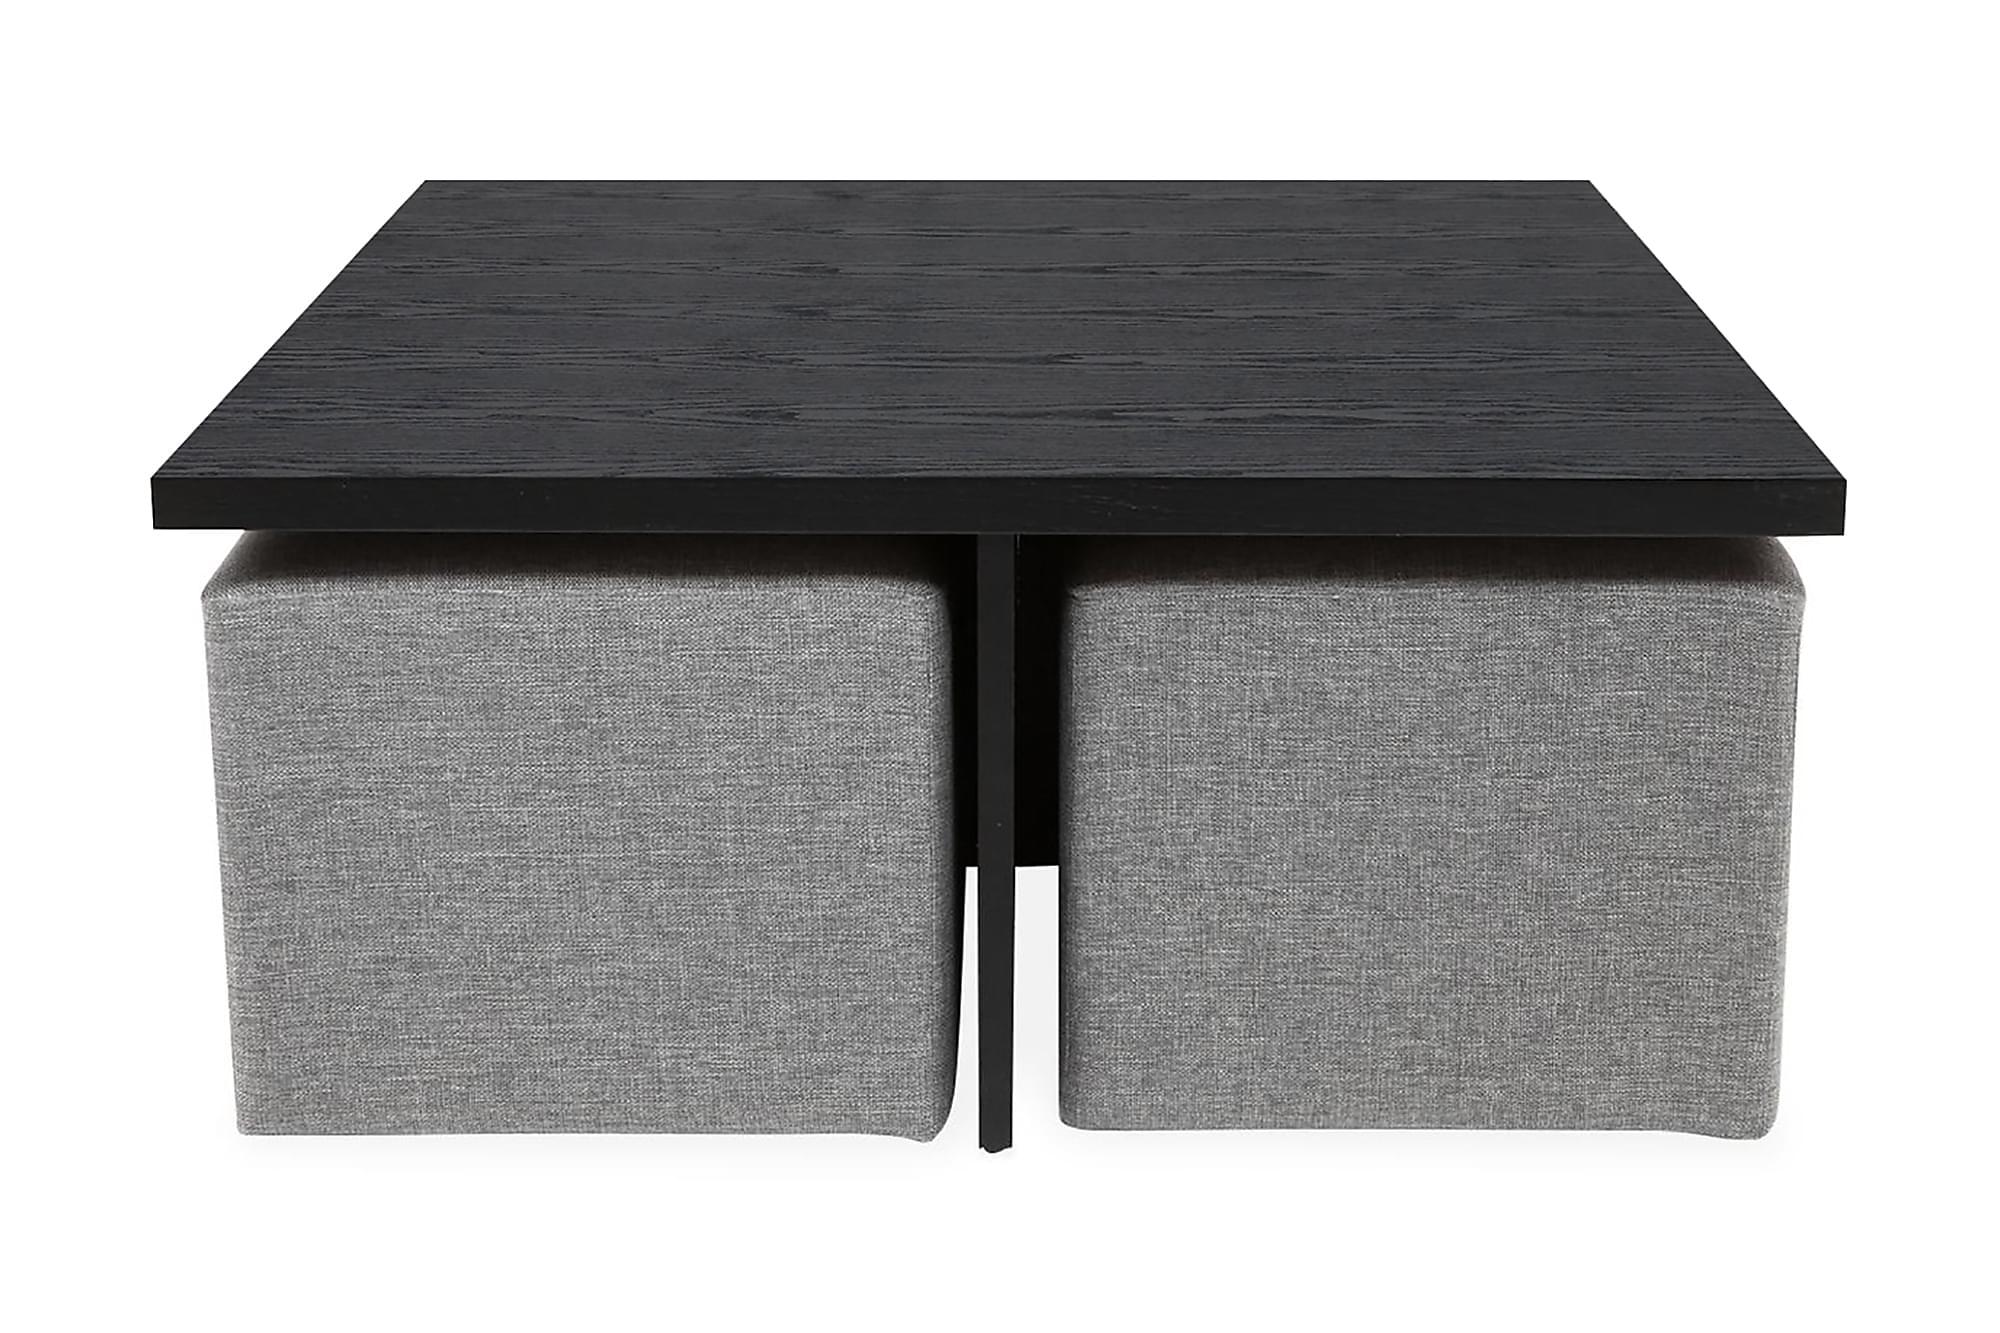 BONDI Soffbord 100 med 4 Pallar Svart/Ljusgrå, Soffbord